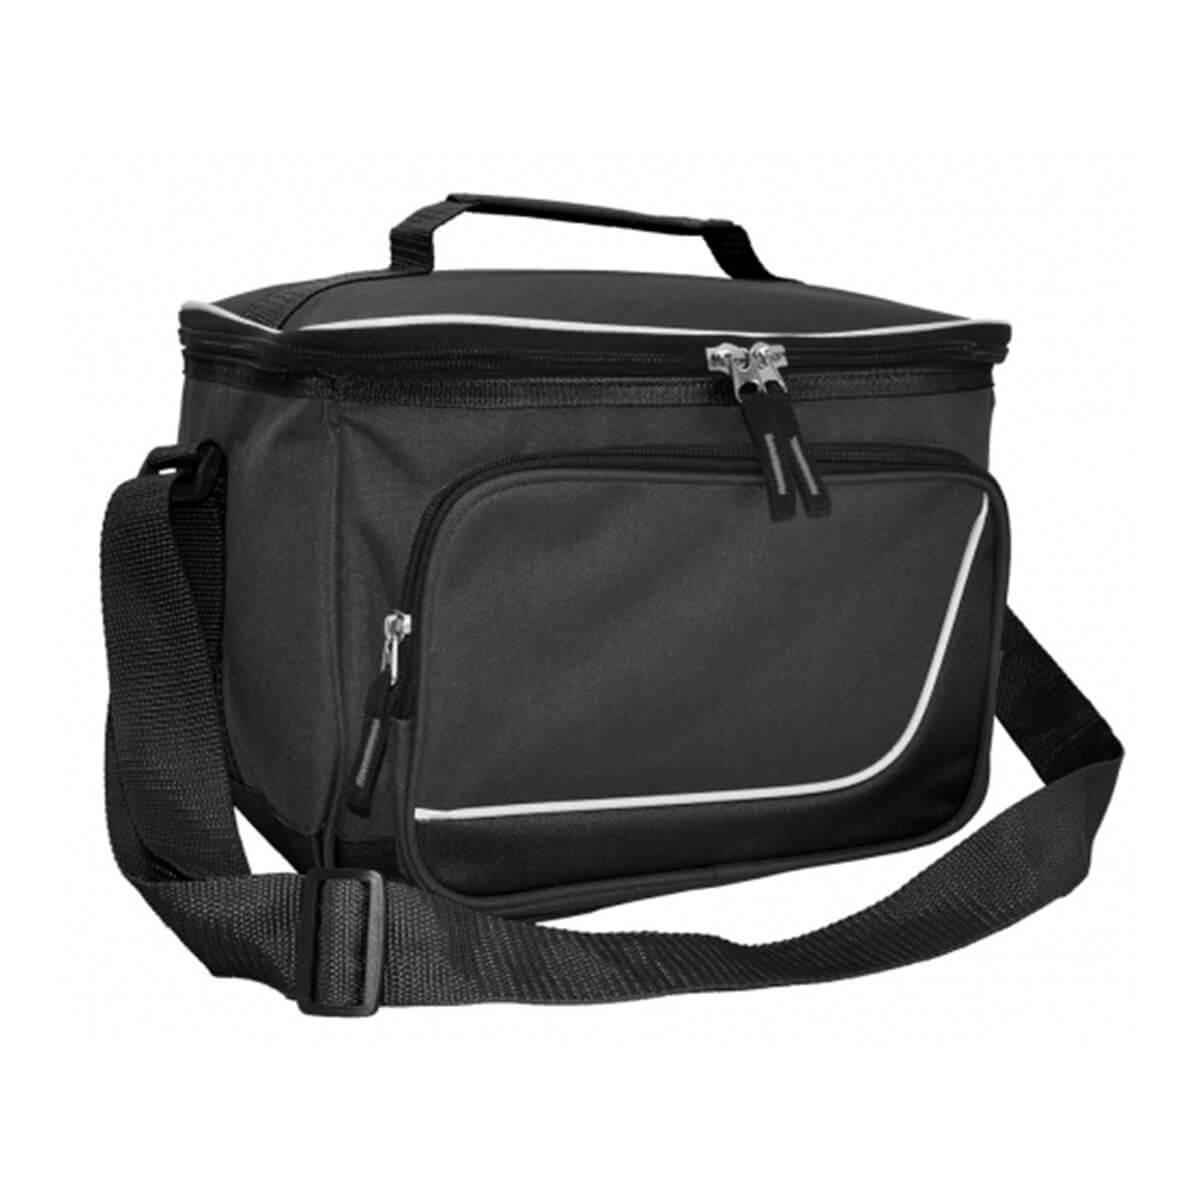 Inspire Cooler Bag-Black / White / Black